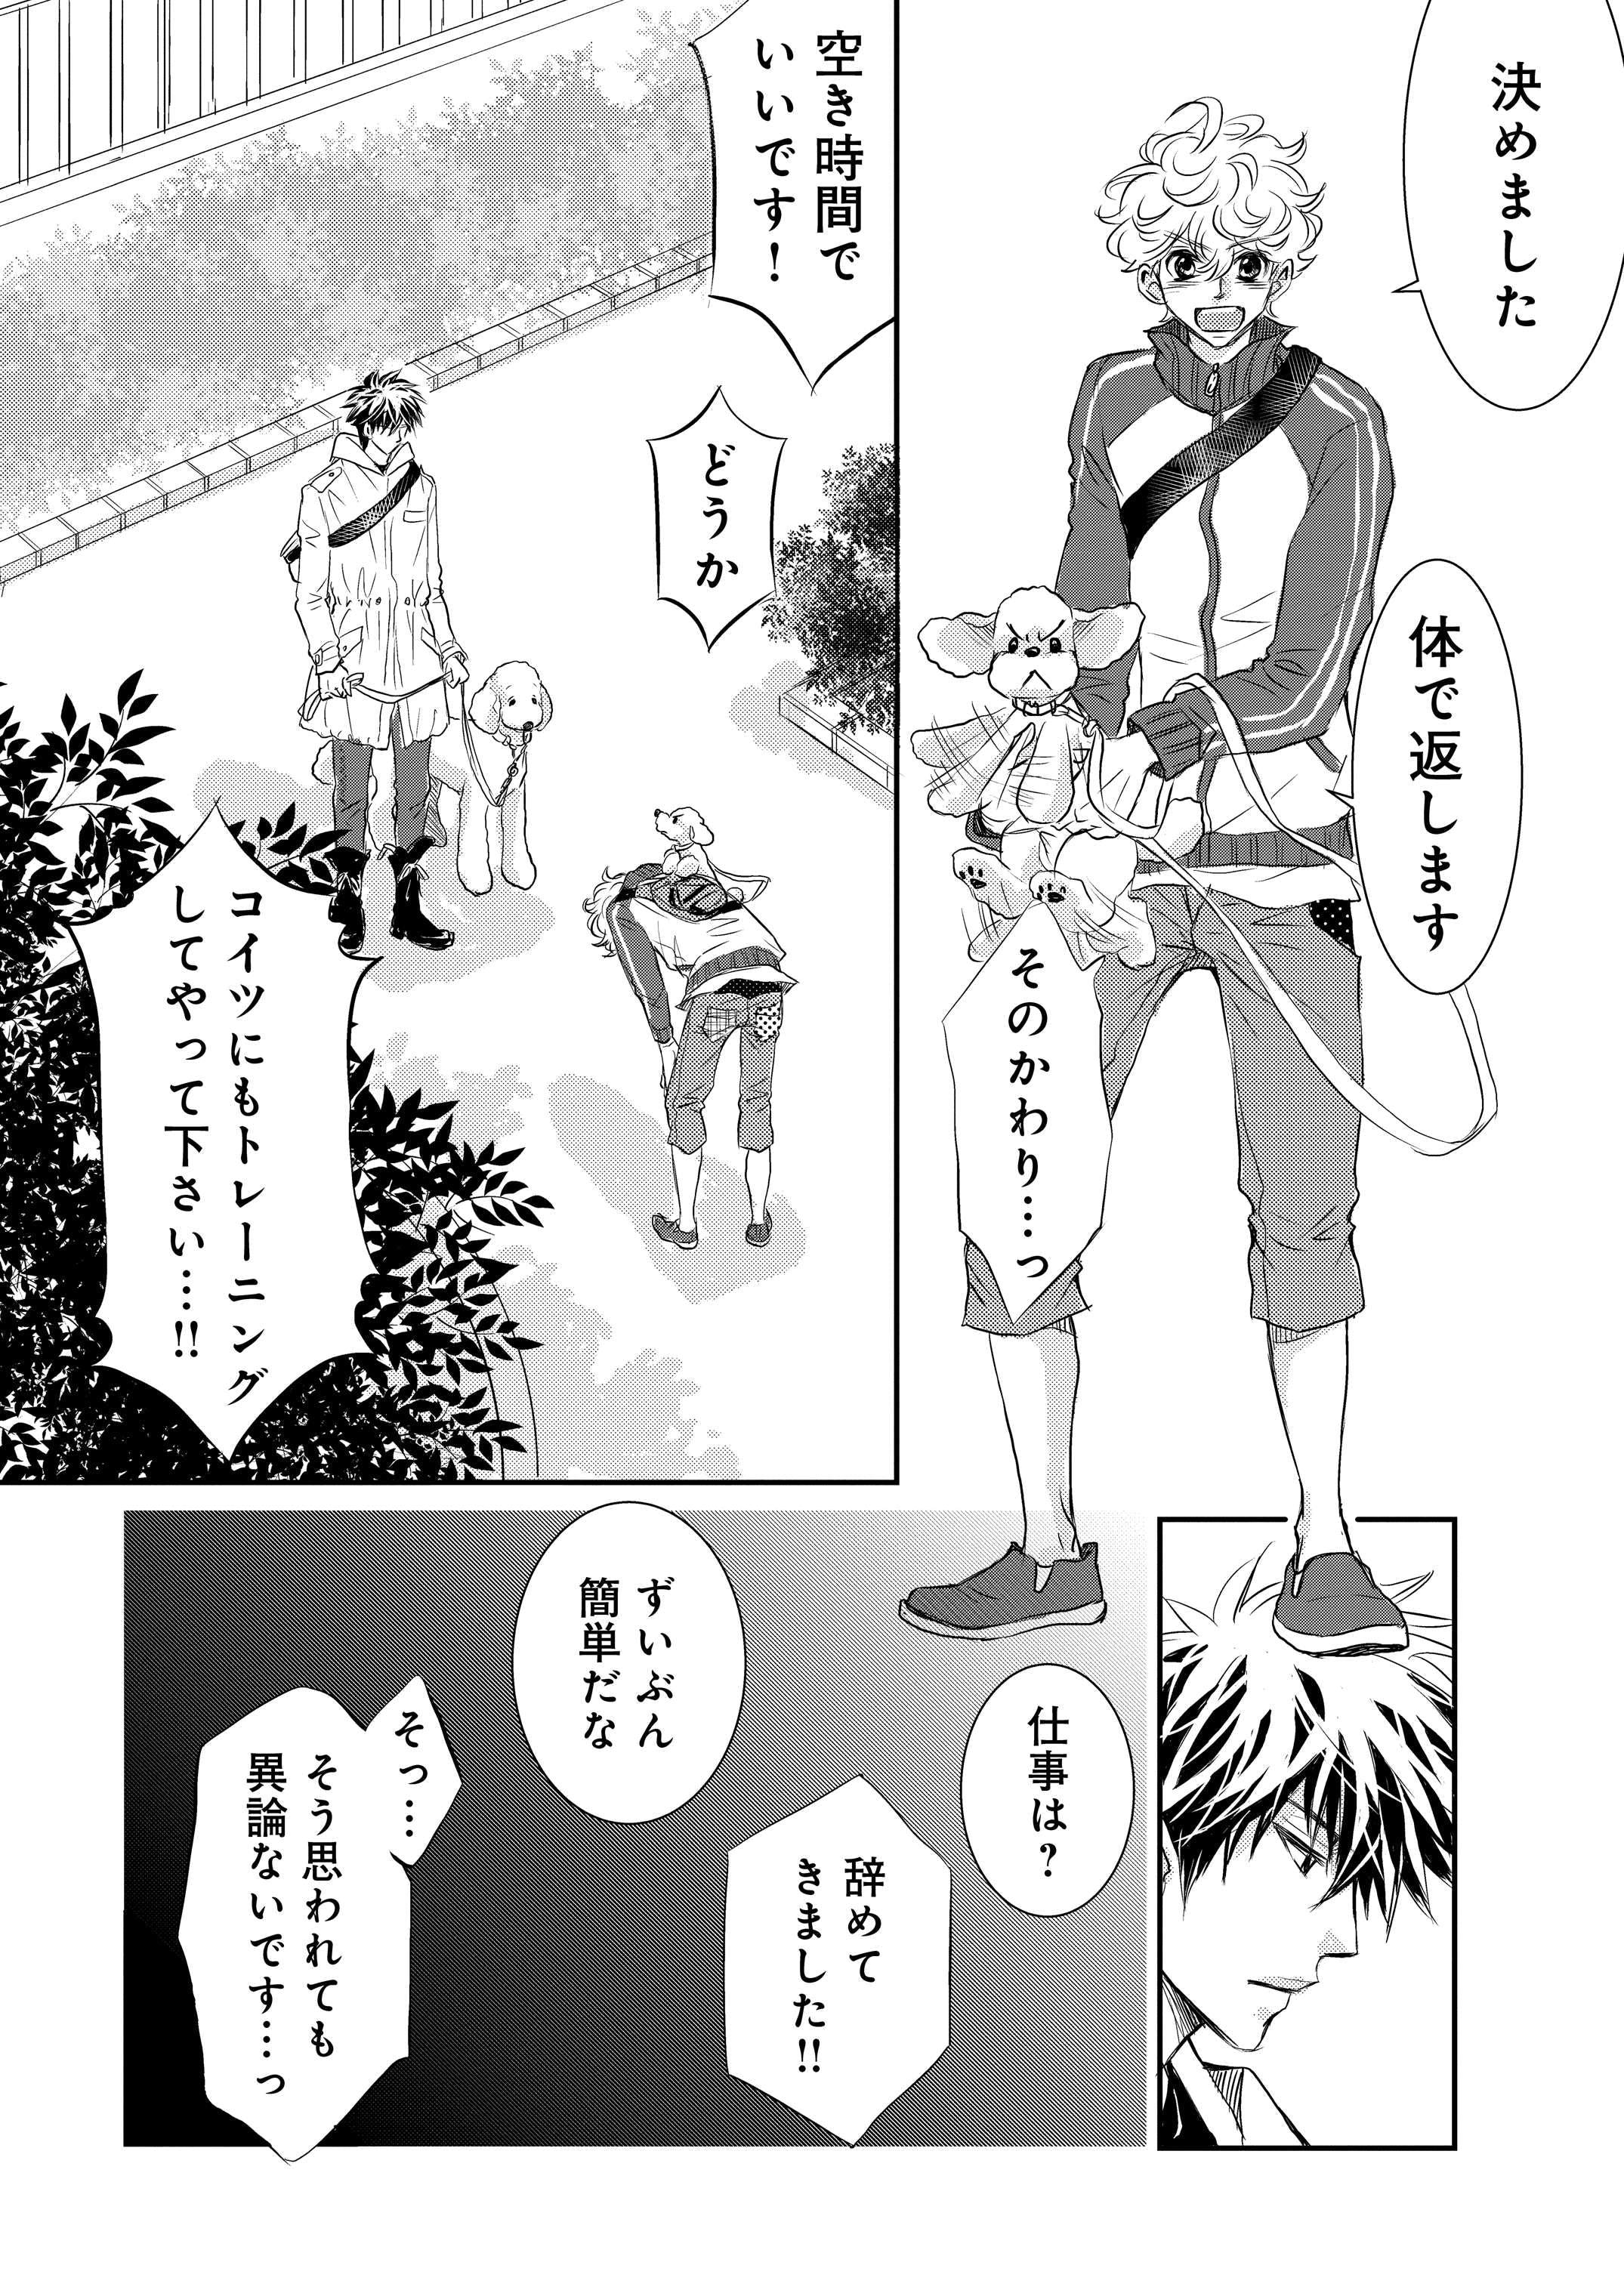 【新連載】『DOG SIGNAL』1話目④ 1ページ目